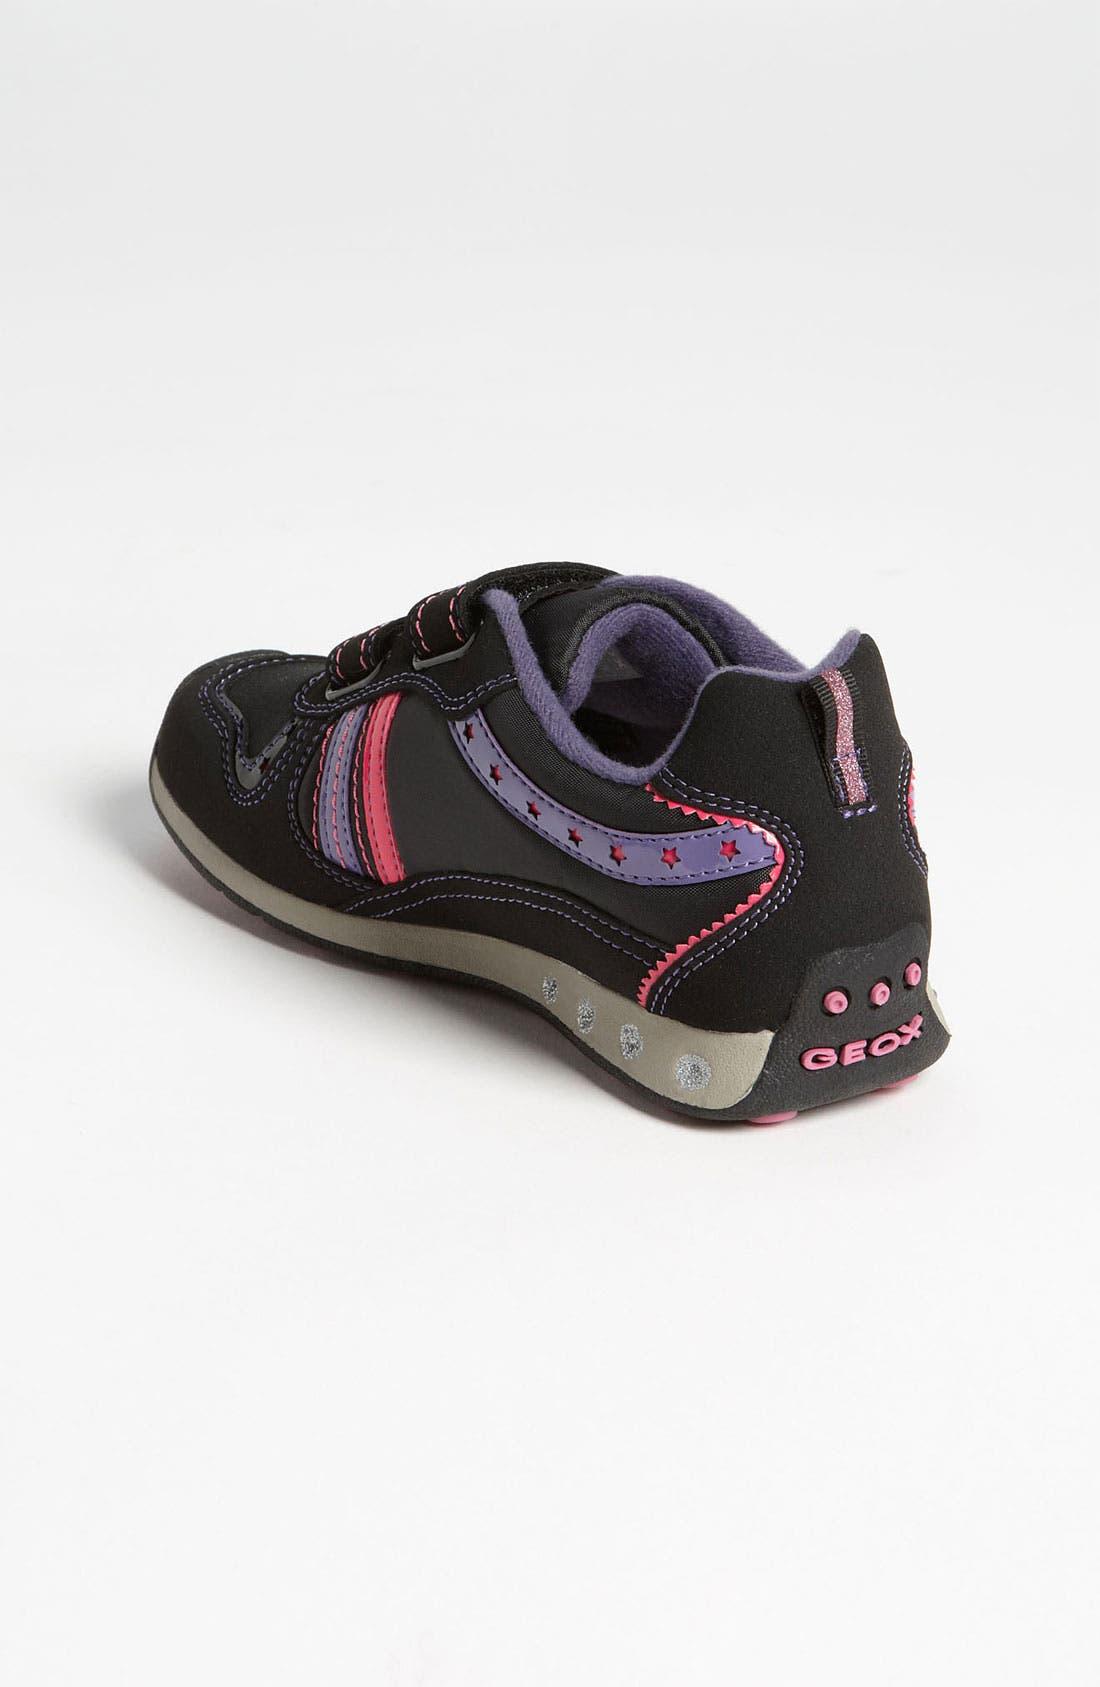 Alternate Image 2  - Geox 'Jocker Girl' Sneaker (Toddler & Little Kid)